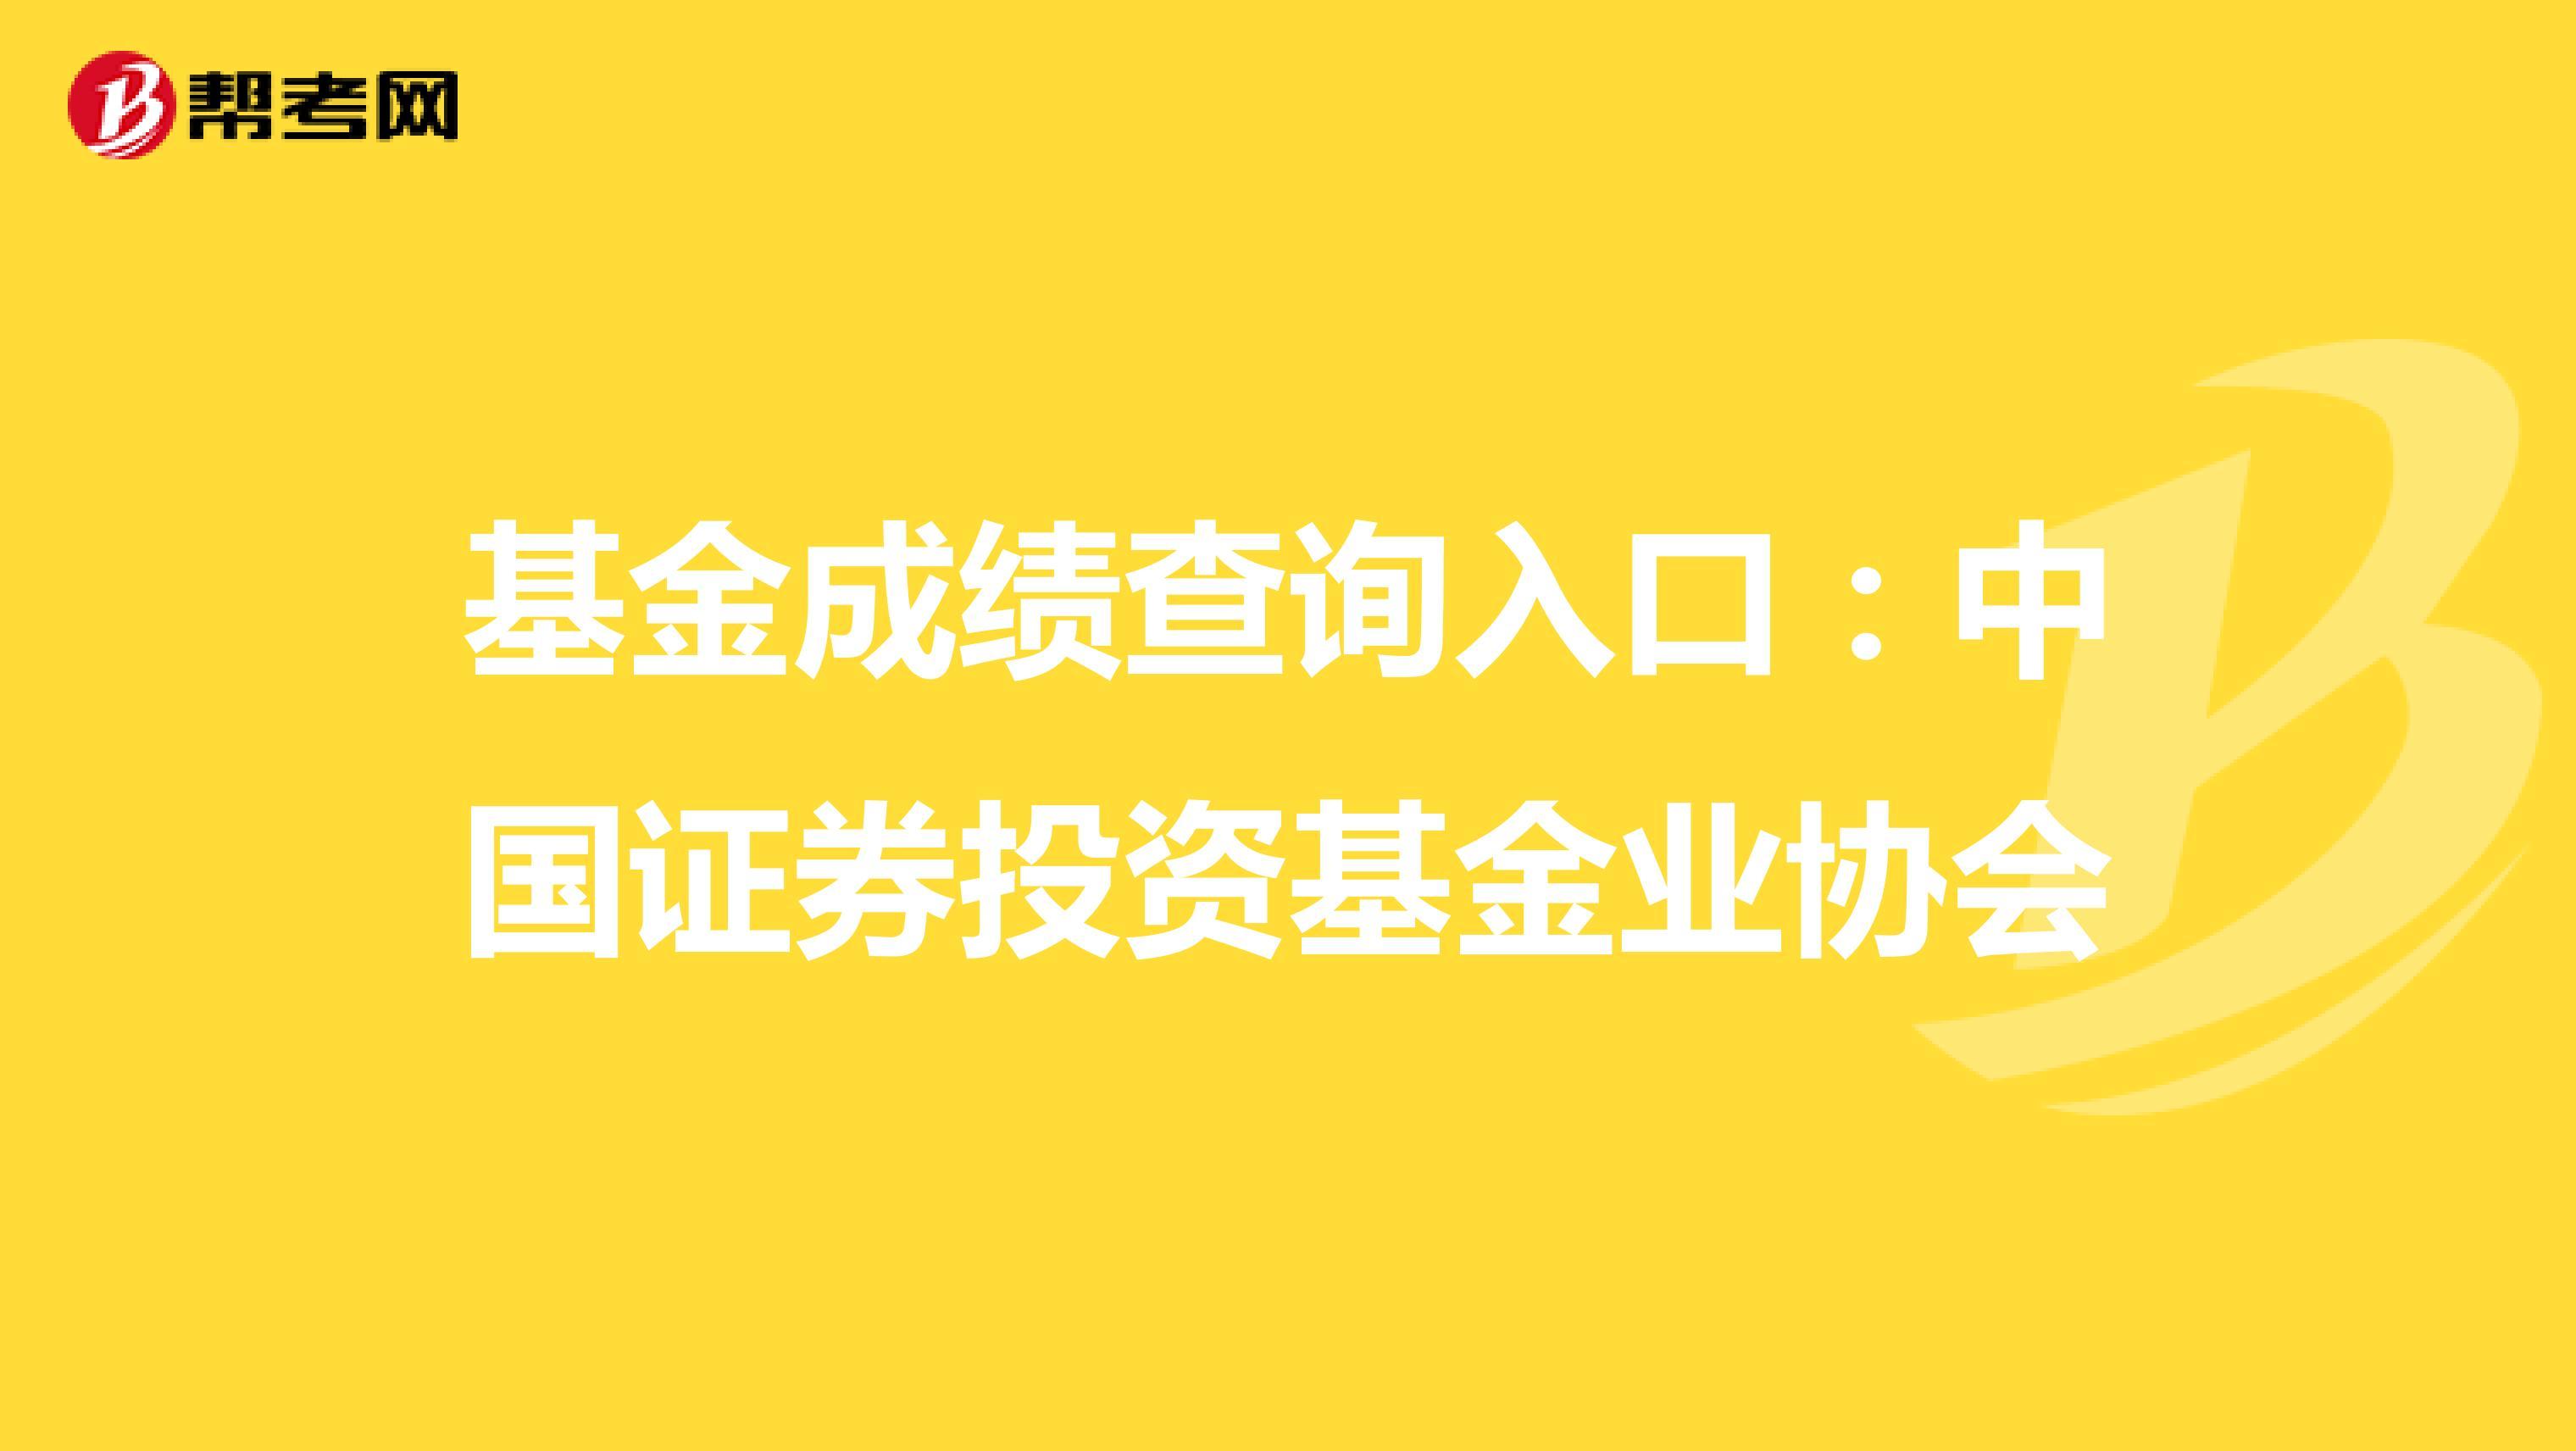 基金成绩查询入口:中国证券投资基金业协会